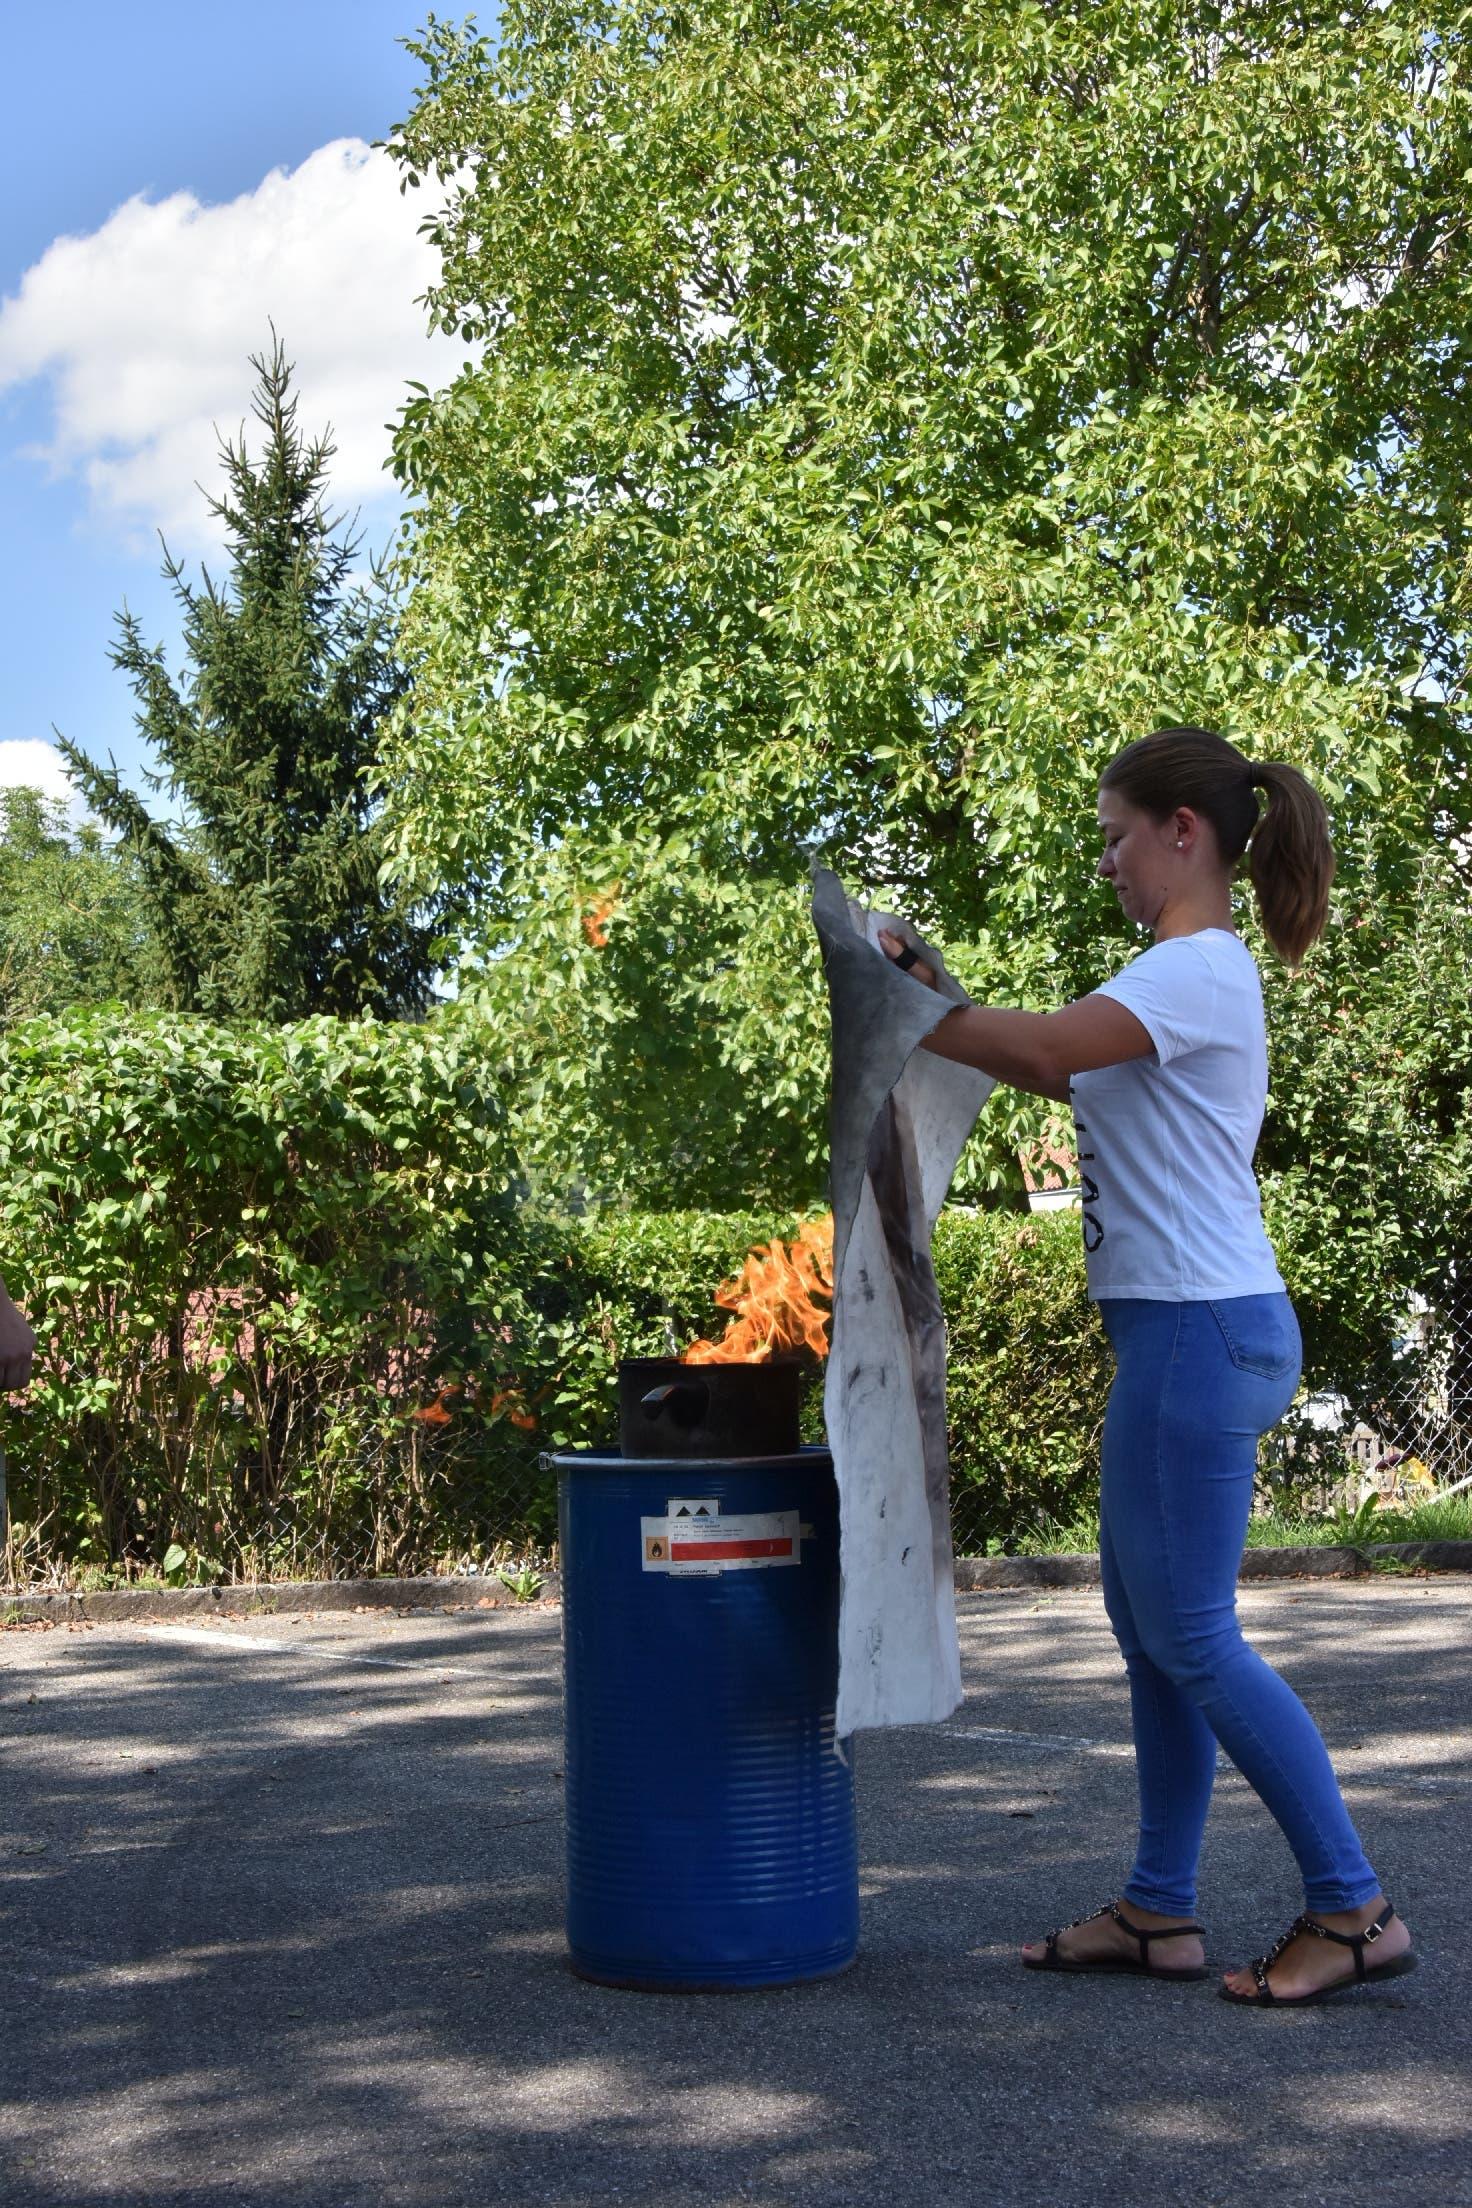 Löschdecke Praktischer Einsatz zum Löschen einer brennenden Pfanne.